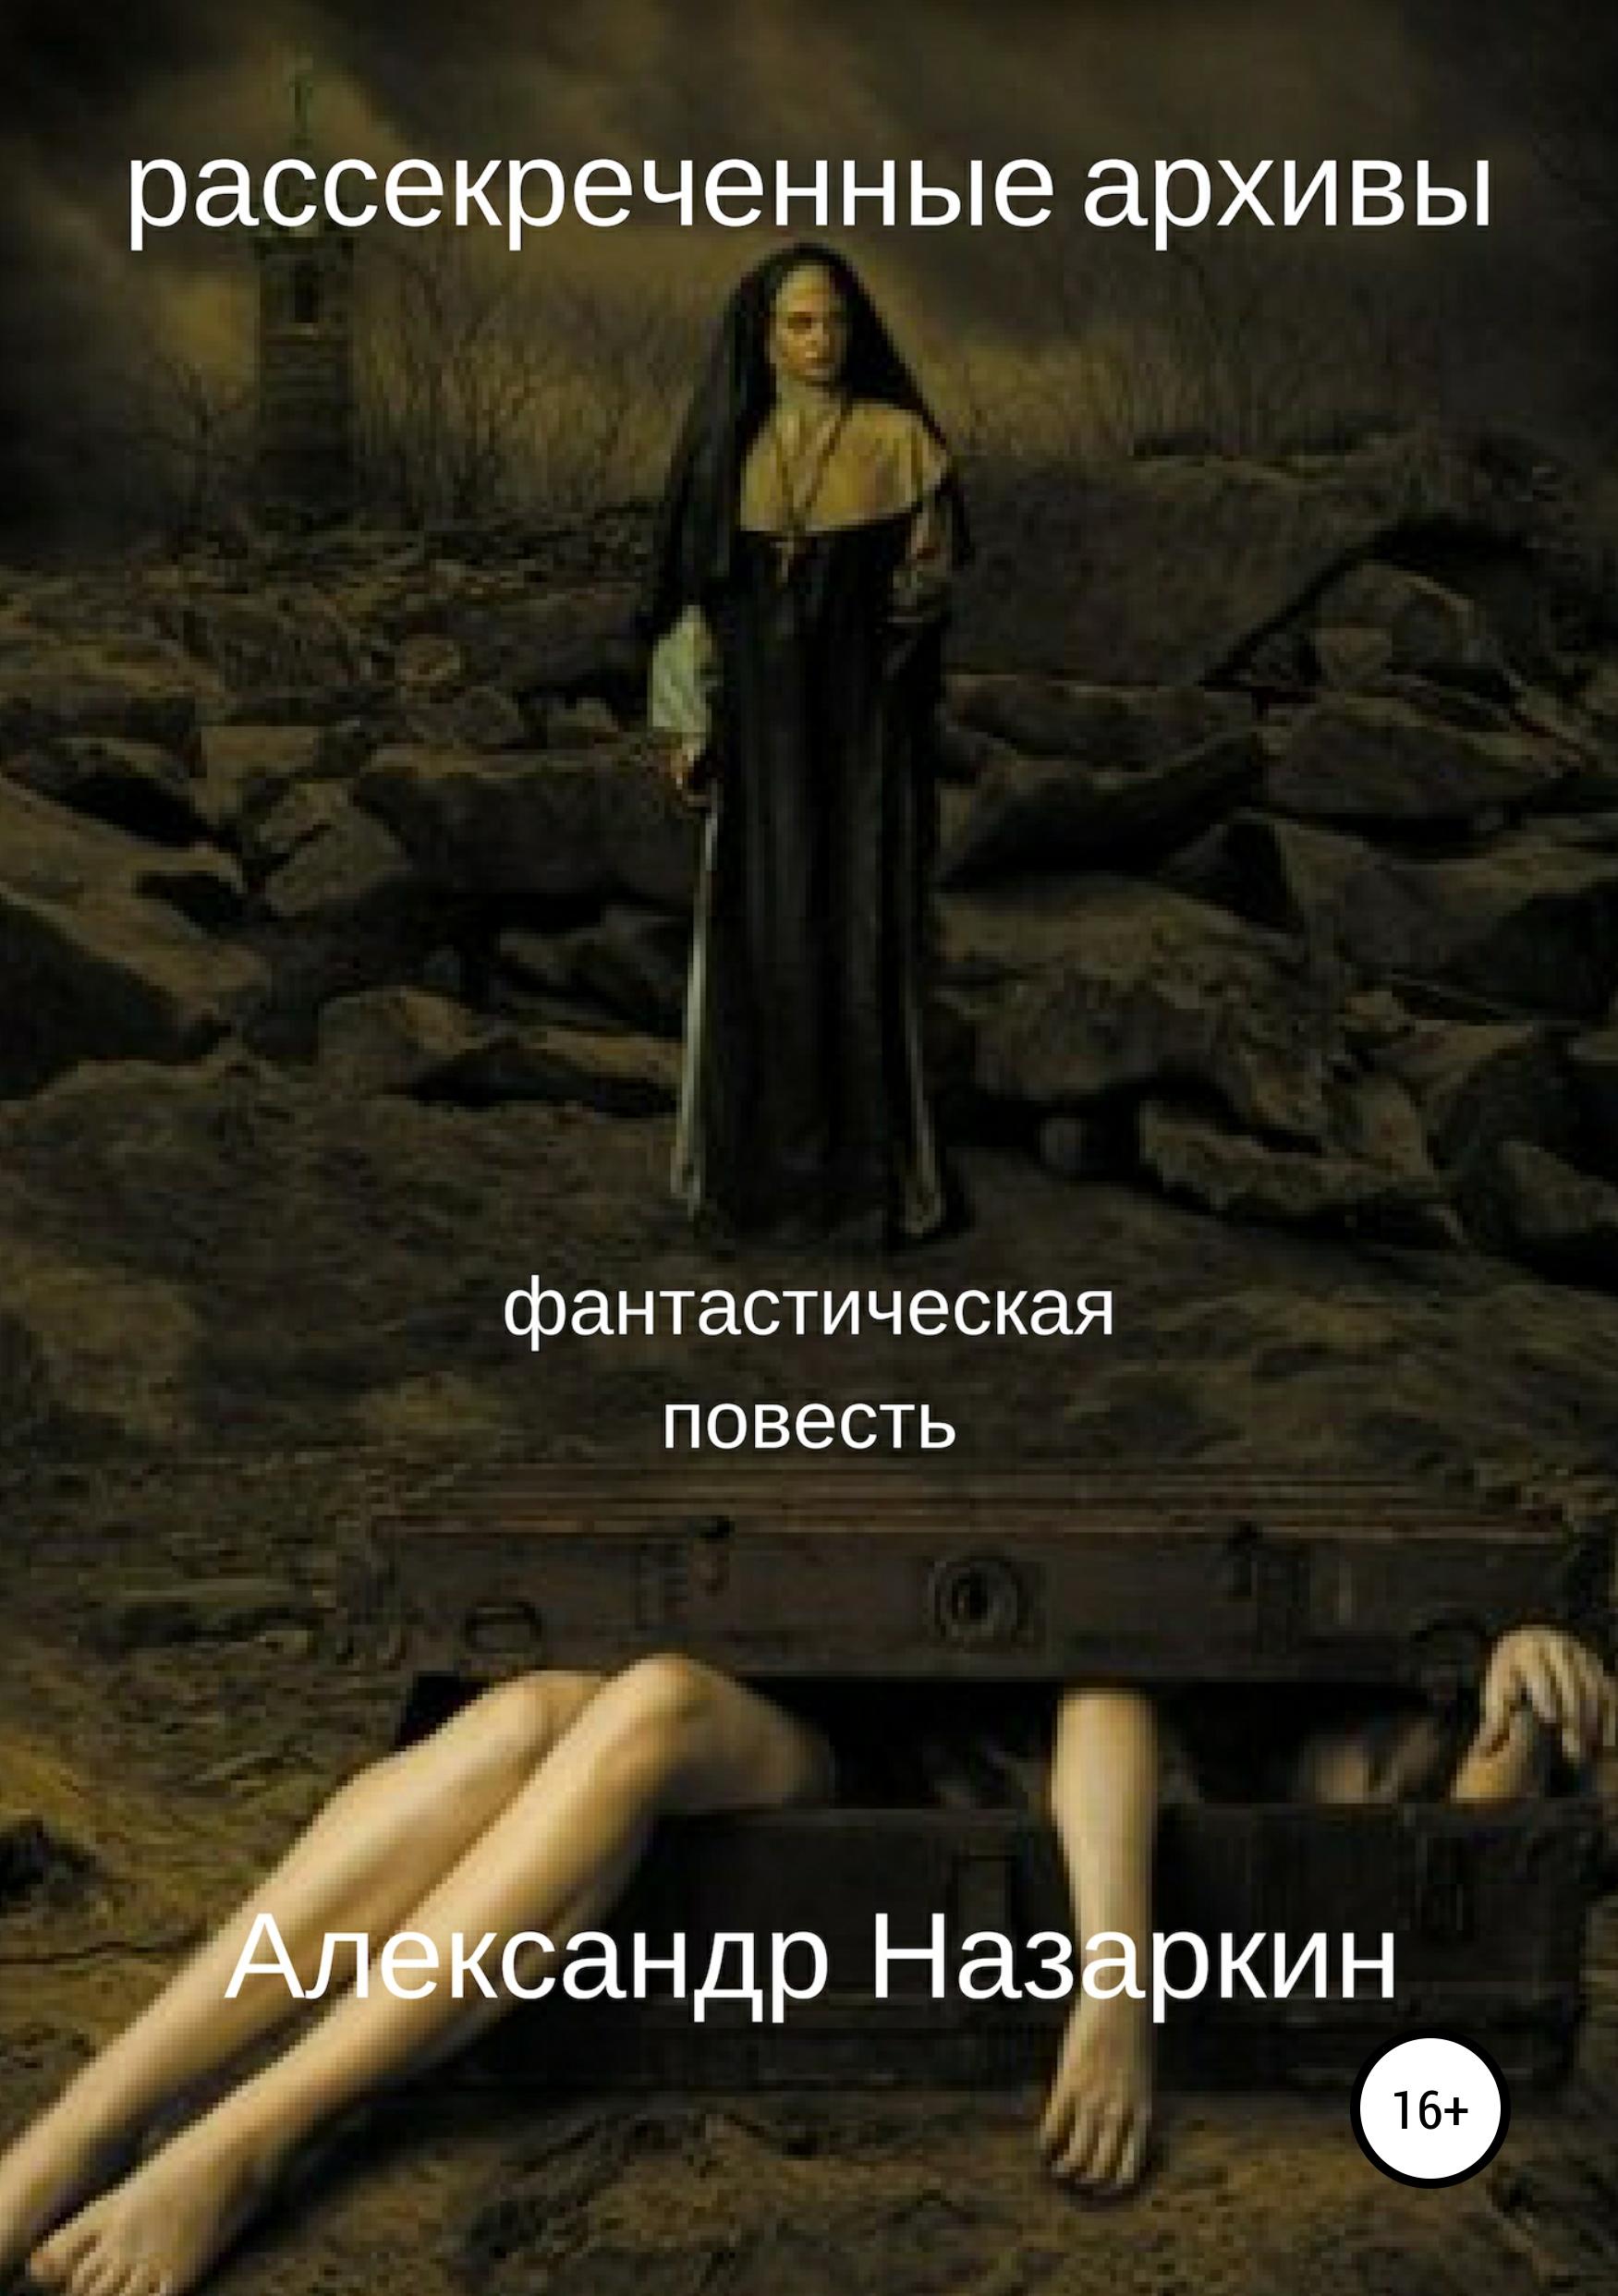 Александр Сергеевич Назаркин Рассекреченные архивы архивы раскрывают тайны международные вопросы события и люди